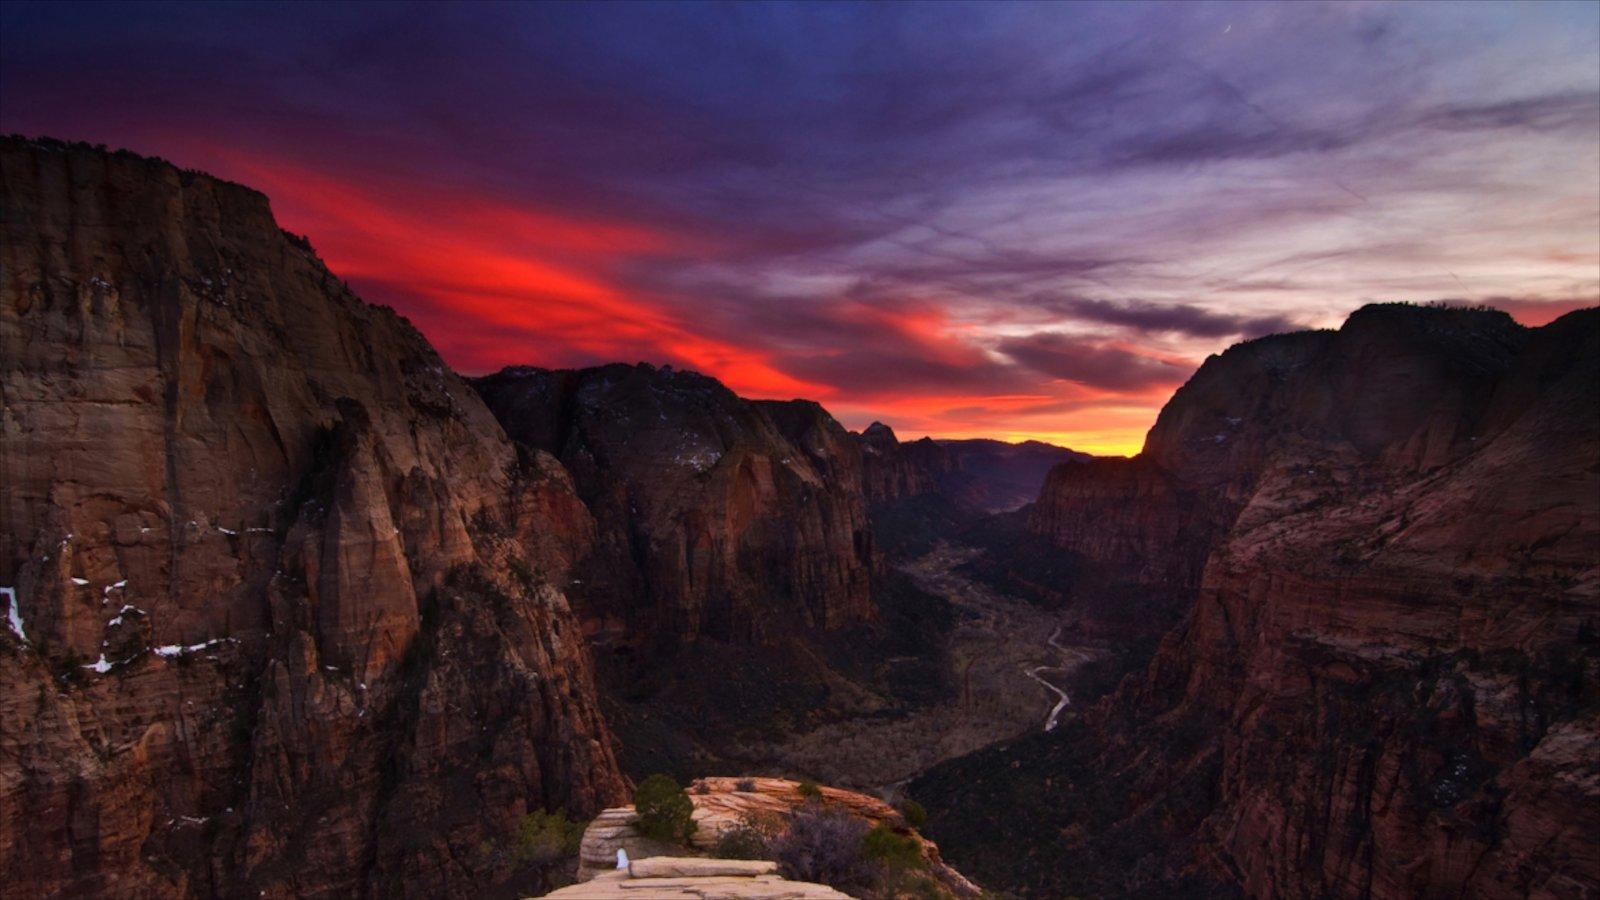 Parque Nacional Zion mostrando una puesta de sol y un barranco o cañón